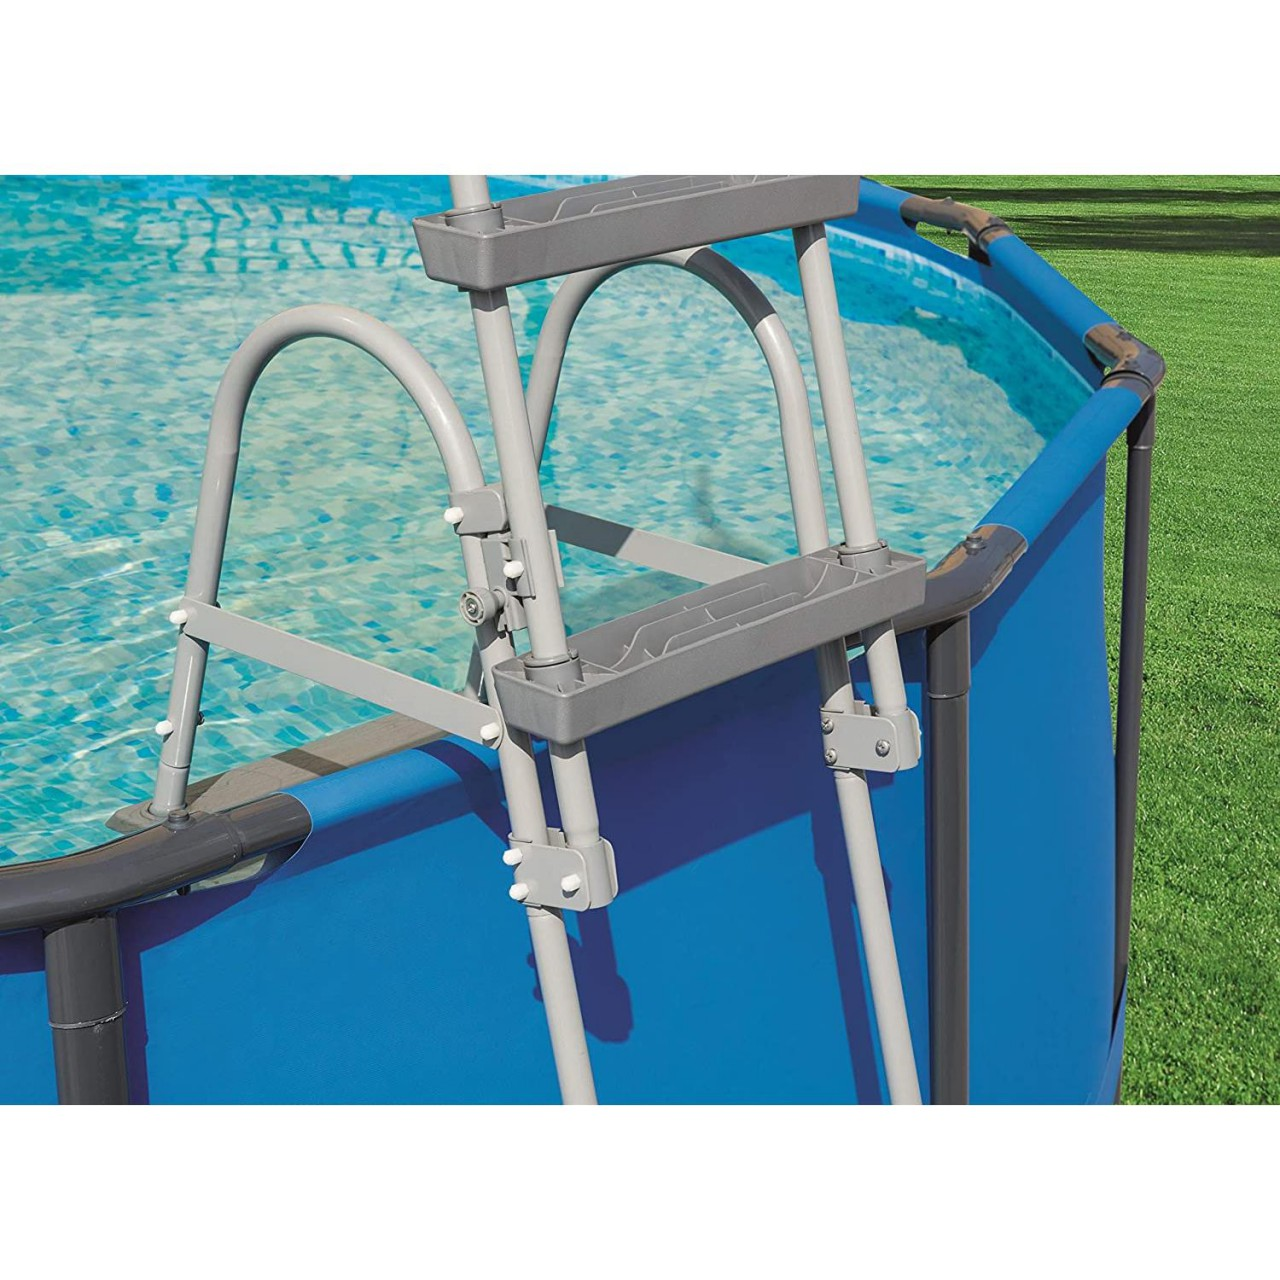 Bestway Poolleiter Sicherheitsleiter Einstiegsleiter 107cm Leiter Pool 58330